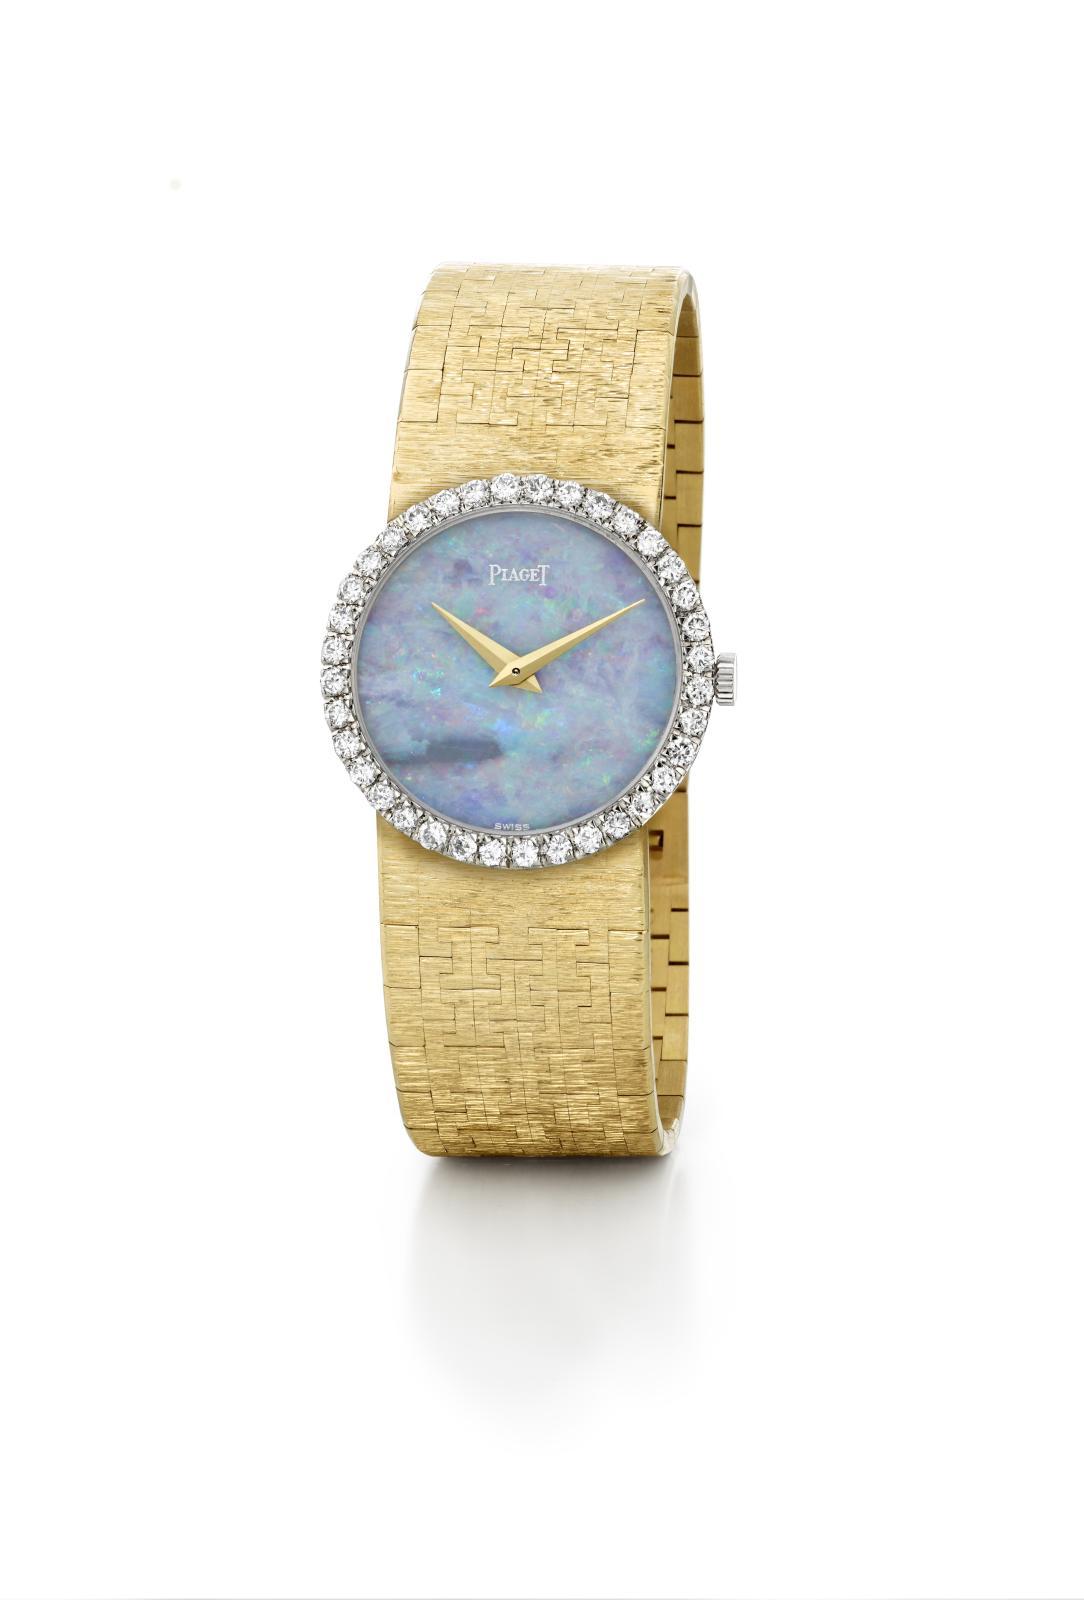 Montre Piaget «Tradition», ayant appartenu à Elizabeth Taylor, boîte et bracelet en or jaune, lunette en or gris serti de trente-sixdiamants, cadran